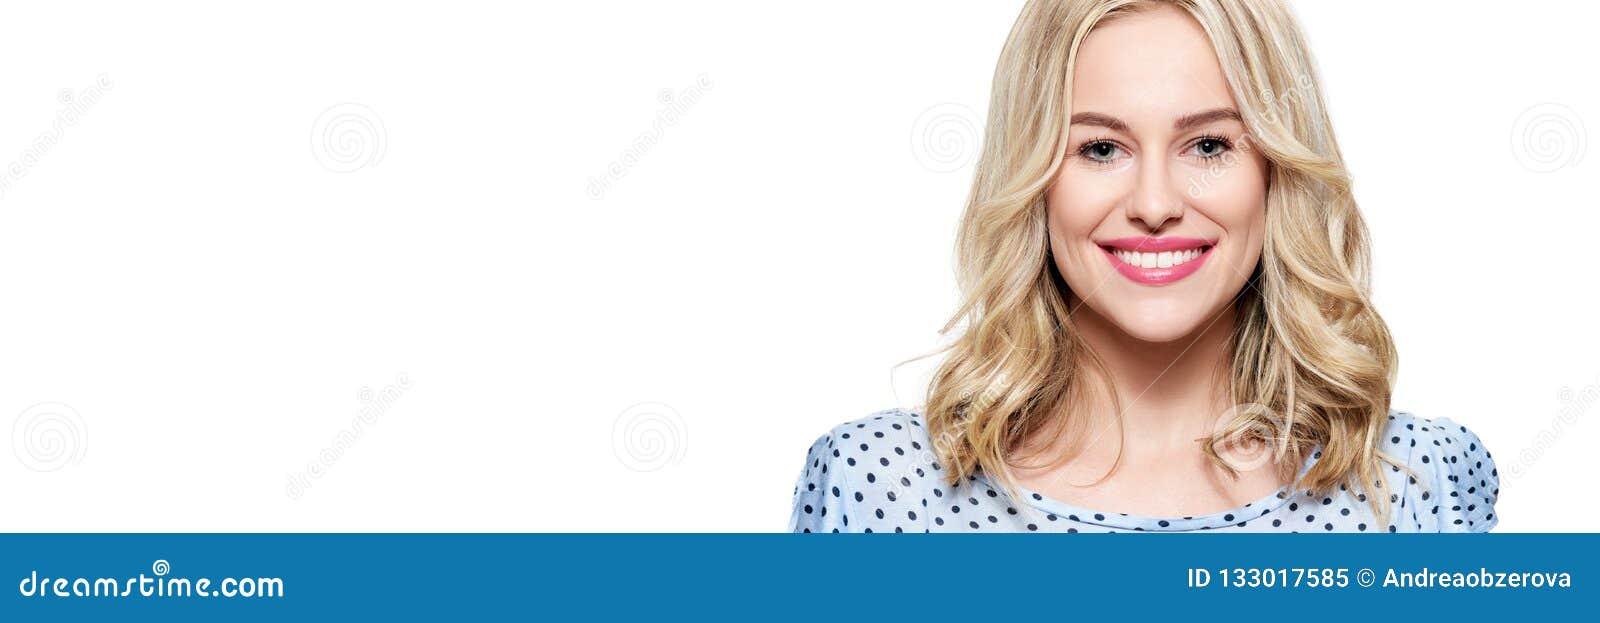 Schöne junge blonde lächelnde Frau mit der sauberen Haut, natürlichem Make-up und perfekten weißen den Zähnen lokalisiert über we